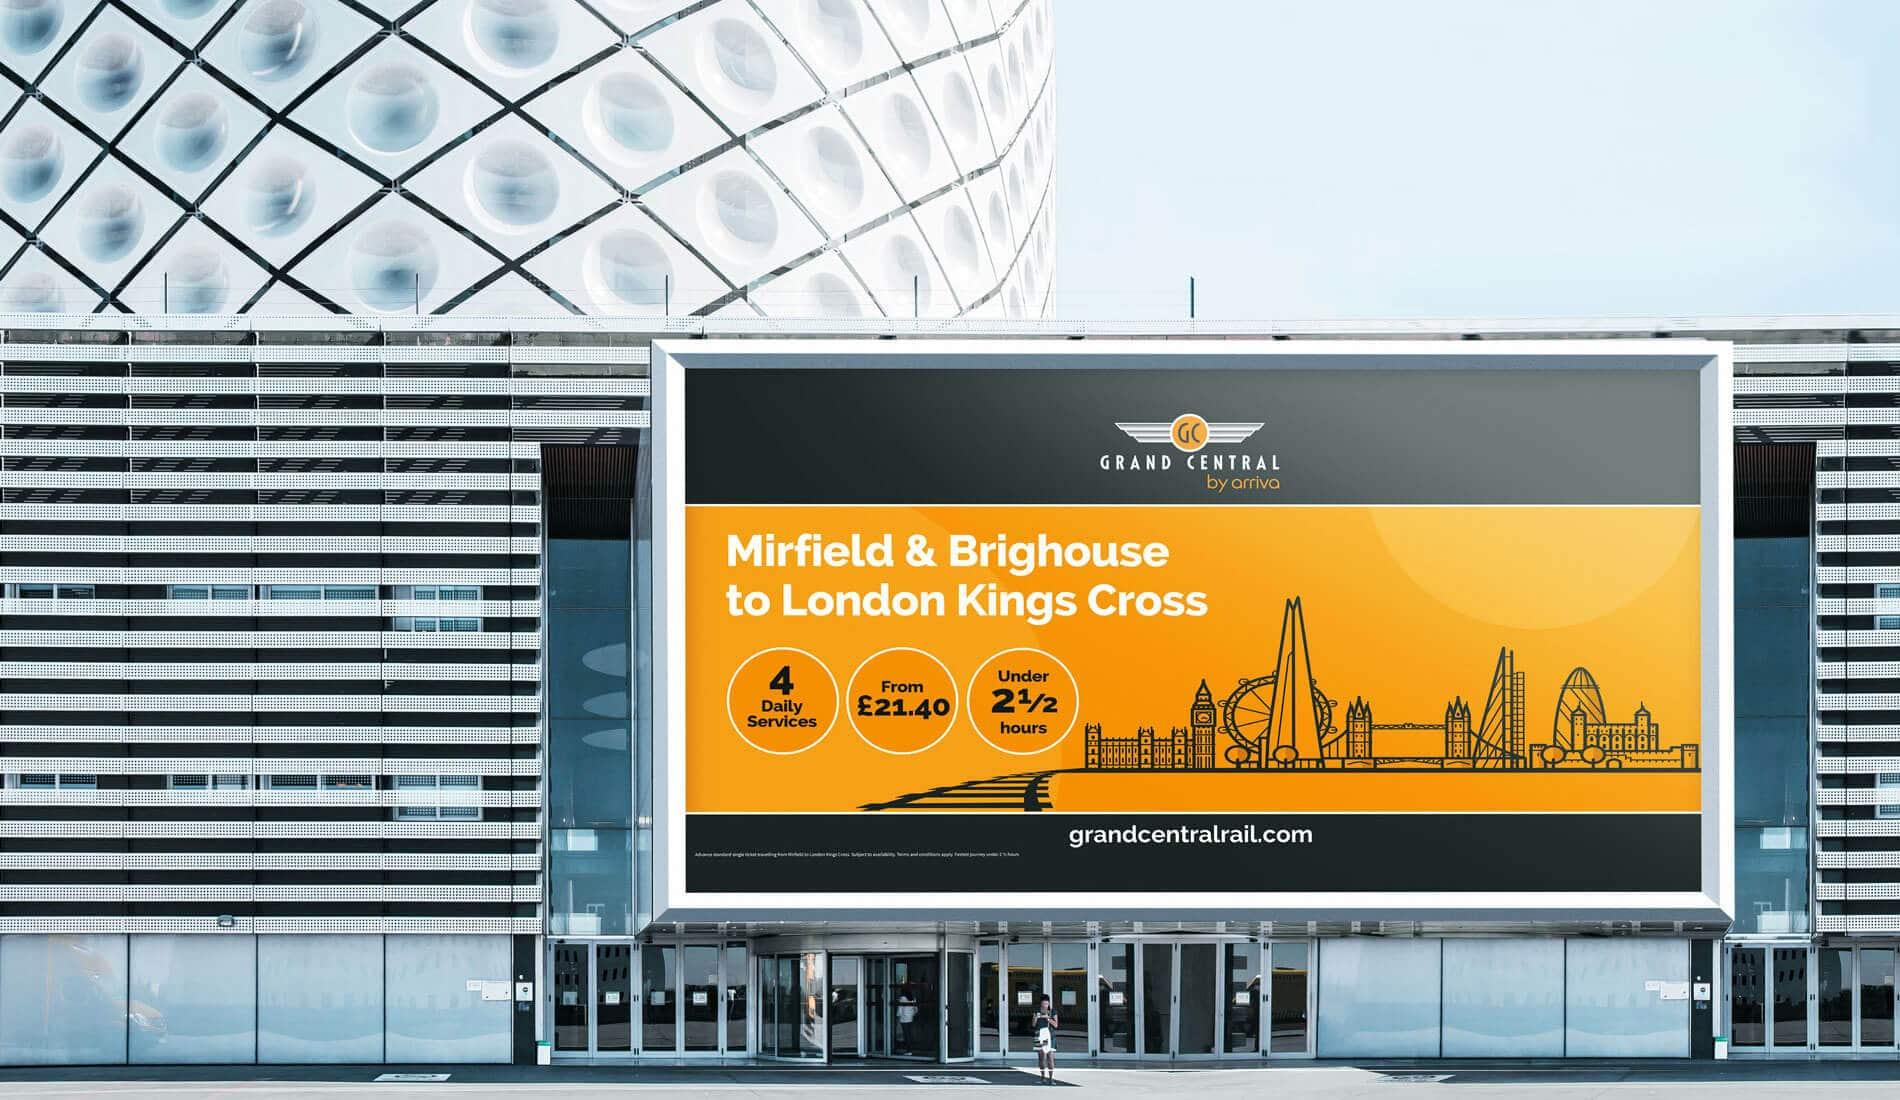 Grand Central digital design on billboard